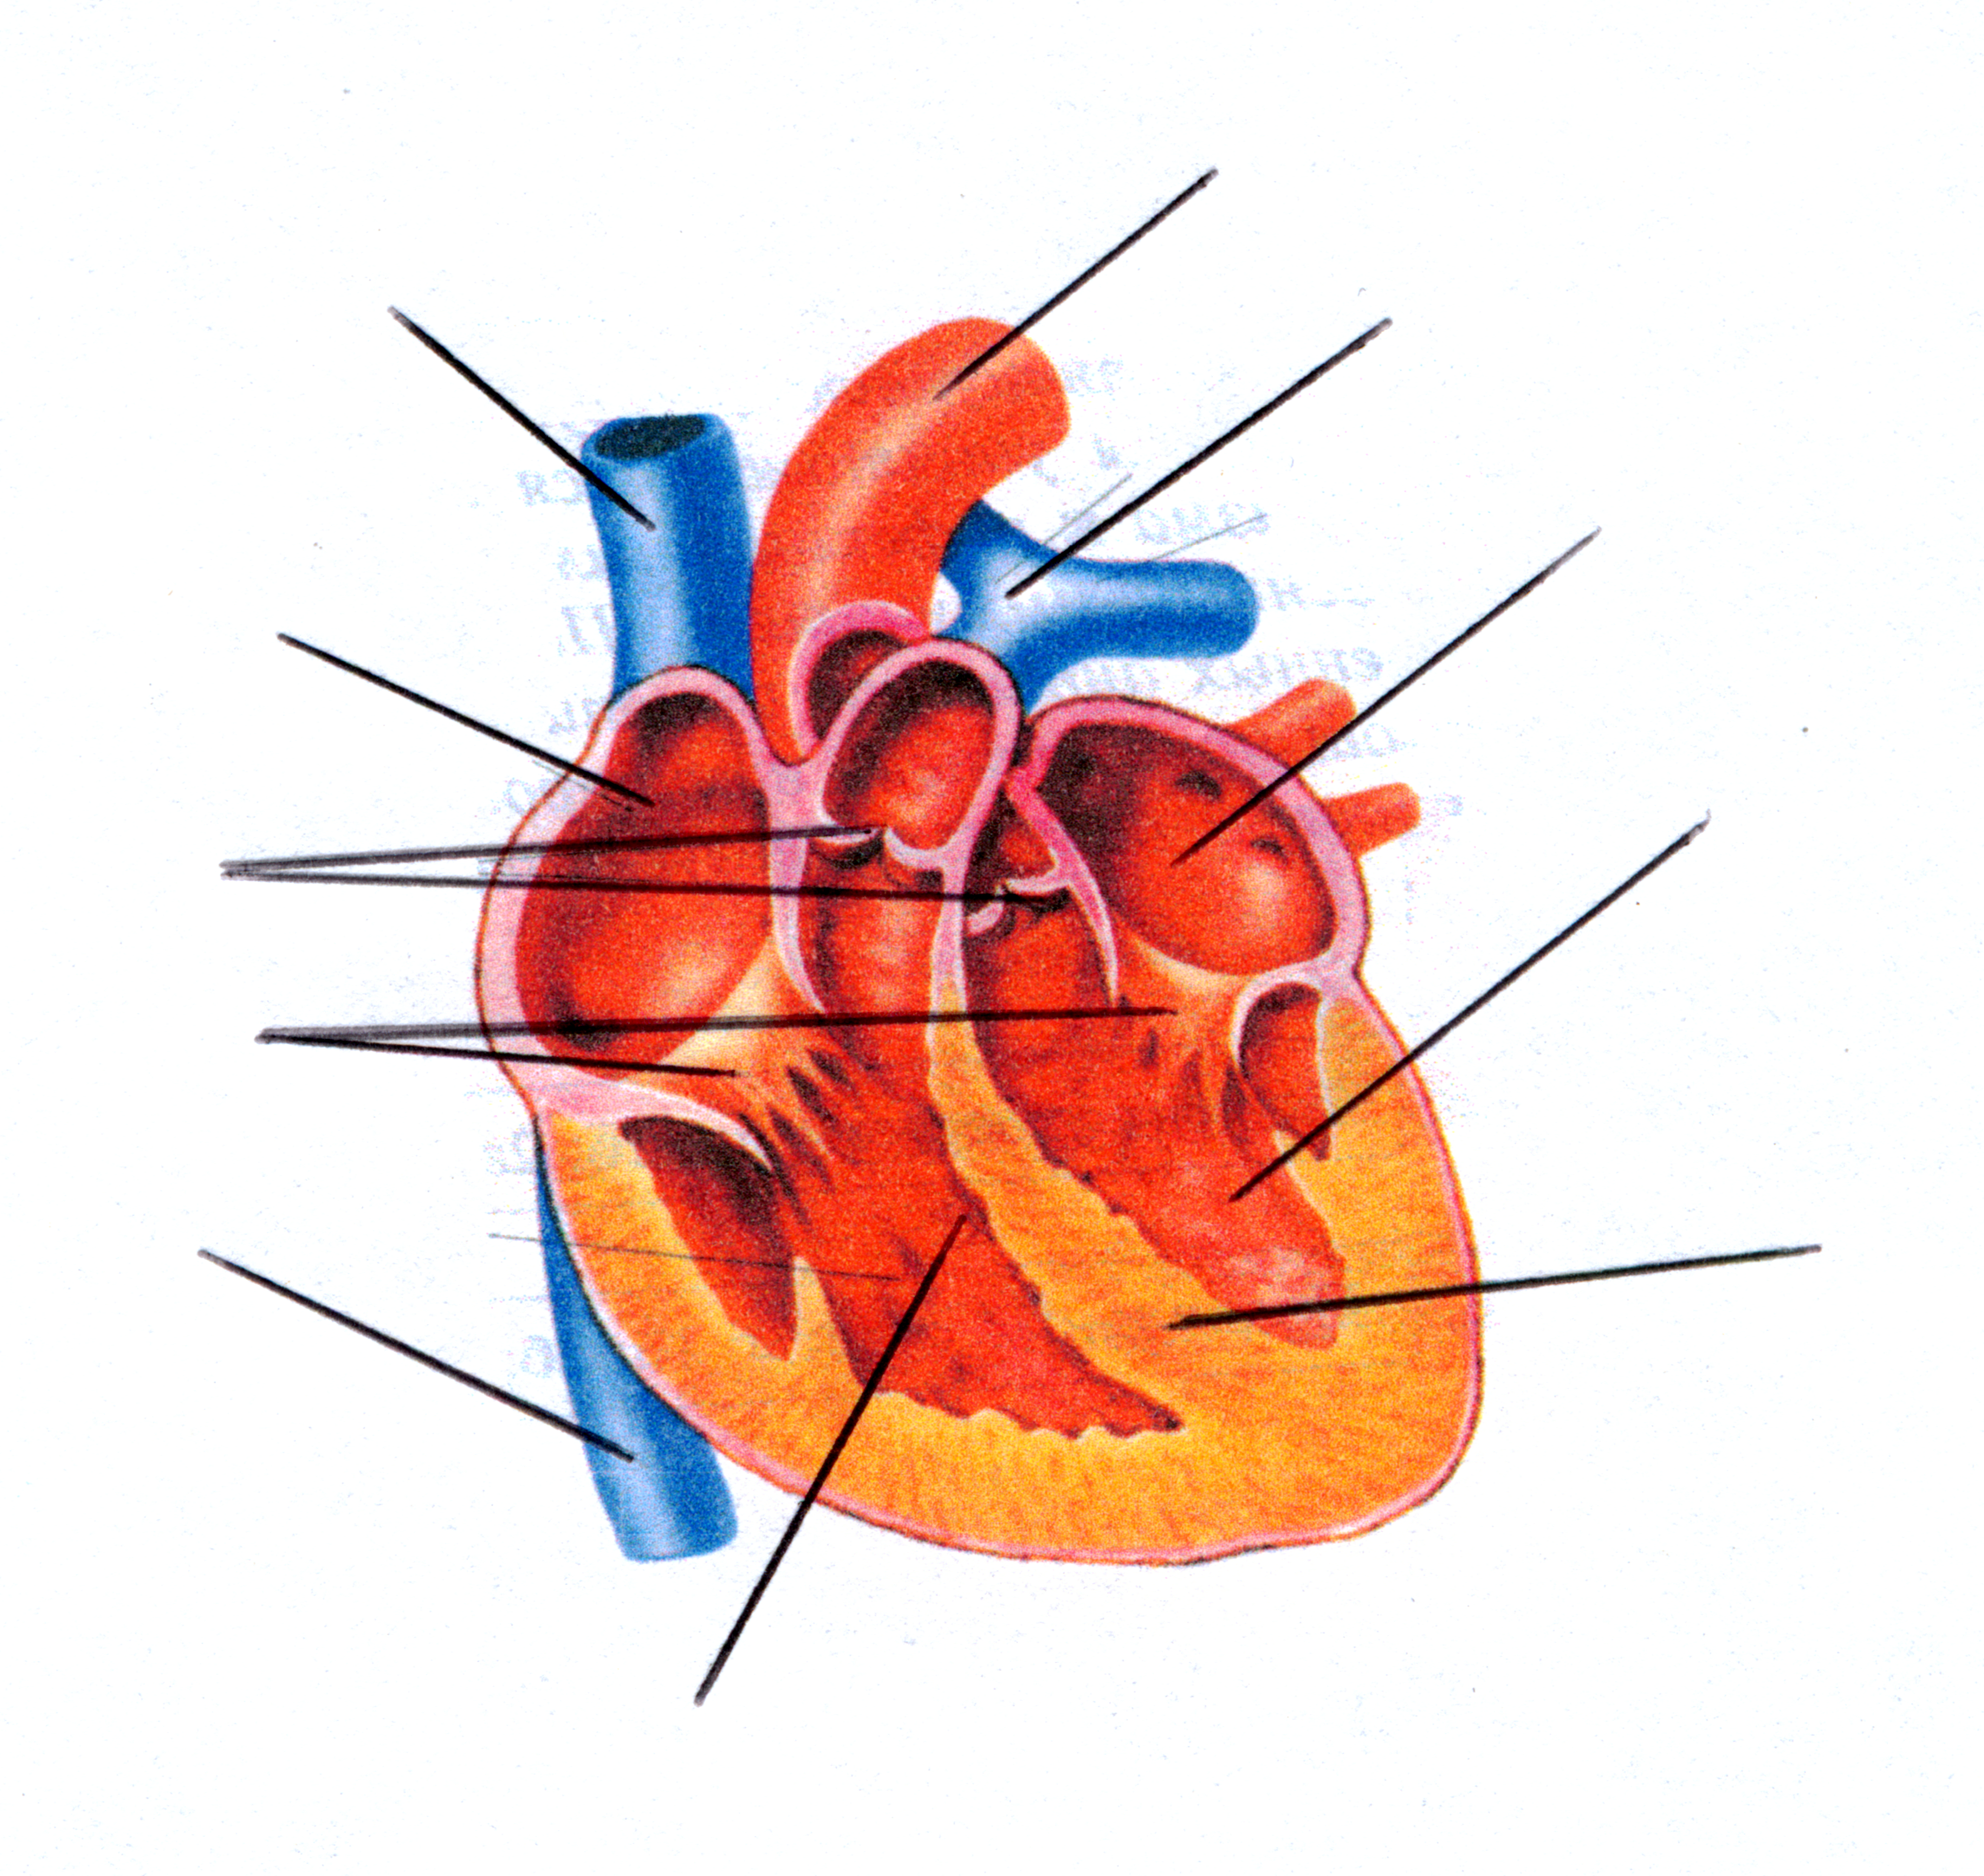 Сердце на картинке человеческое строение